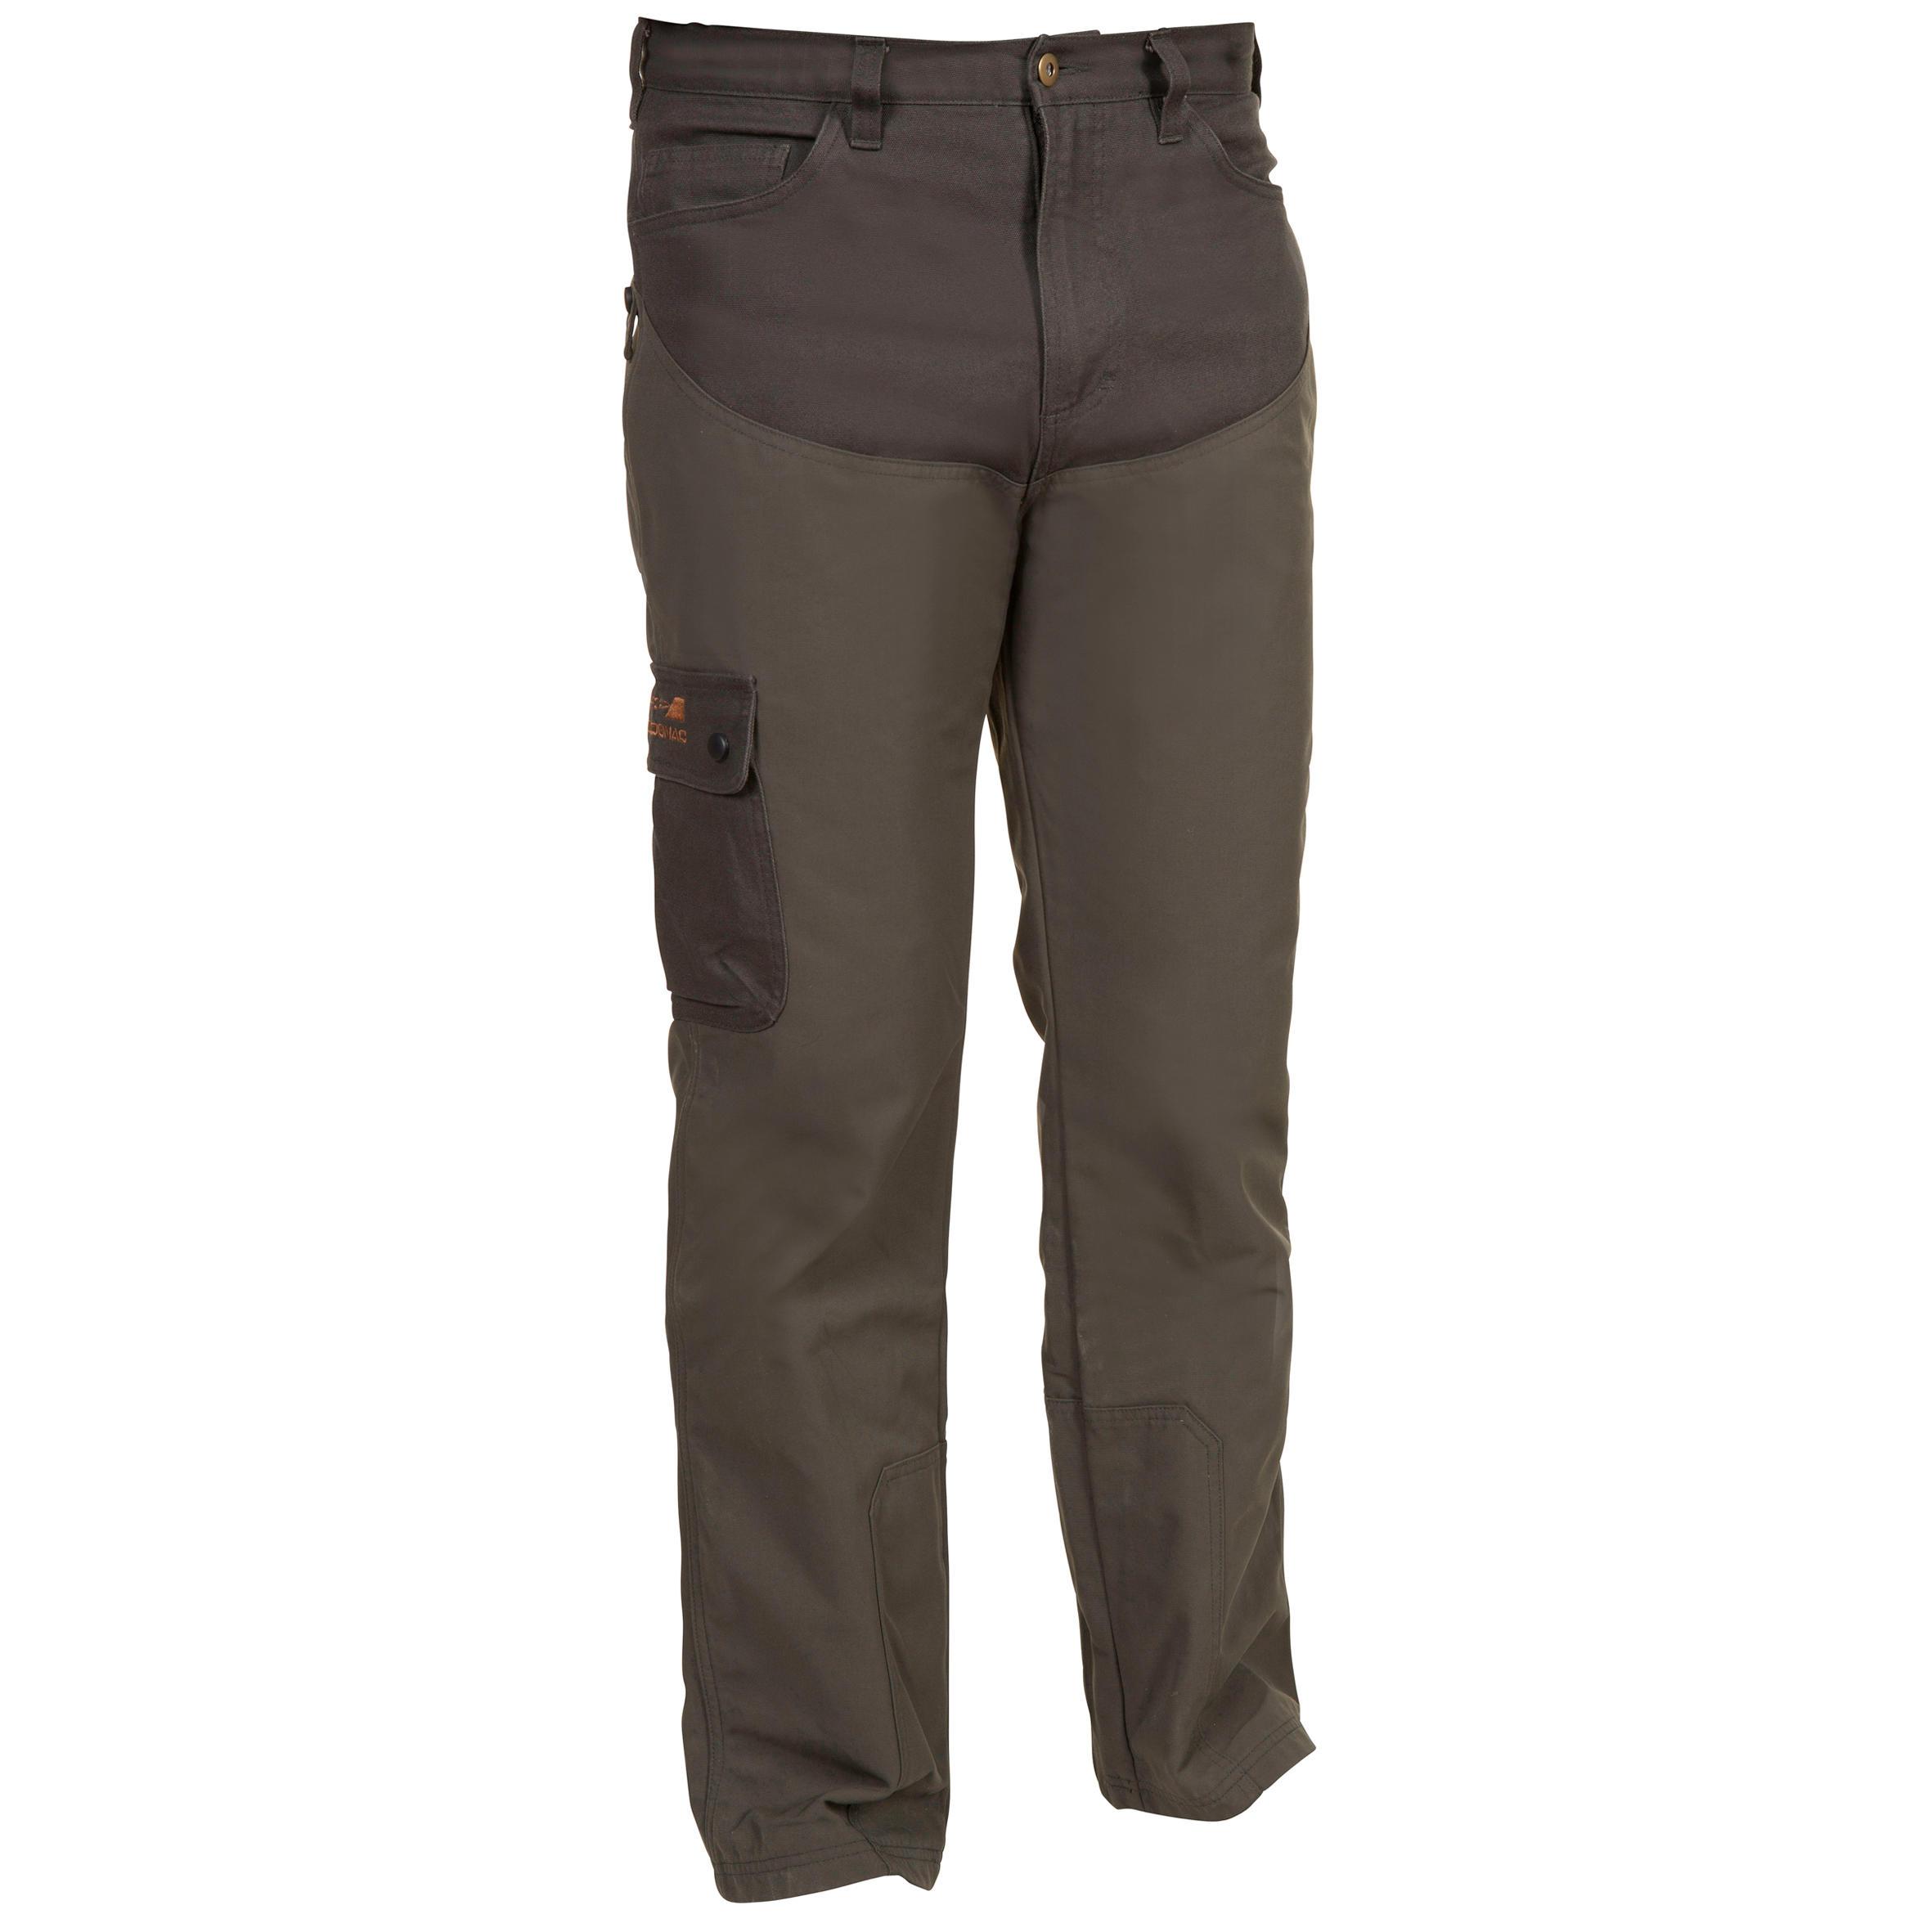 Pantalon de chasse Inverness 300 vert